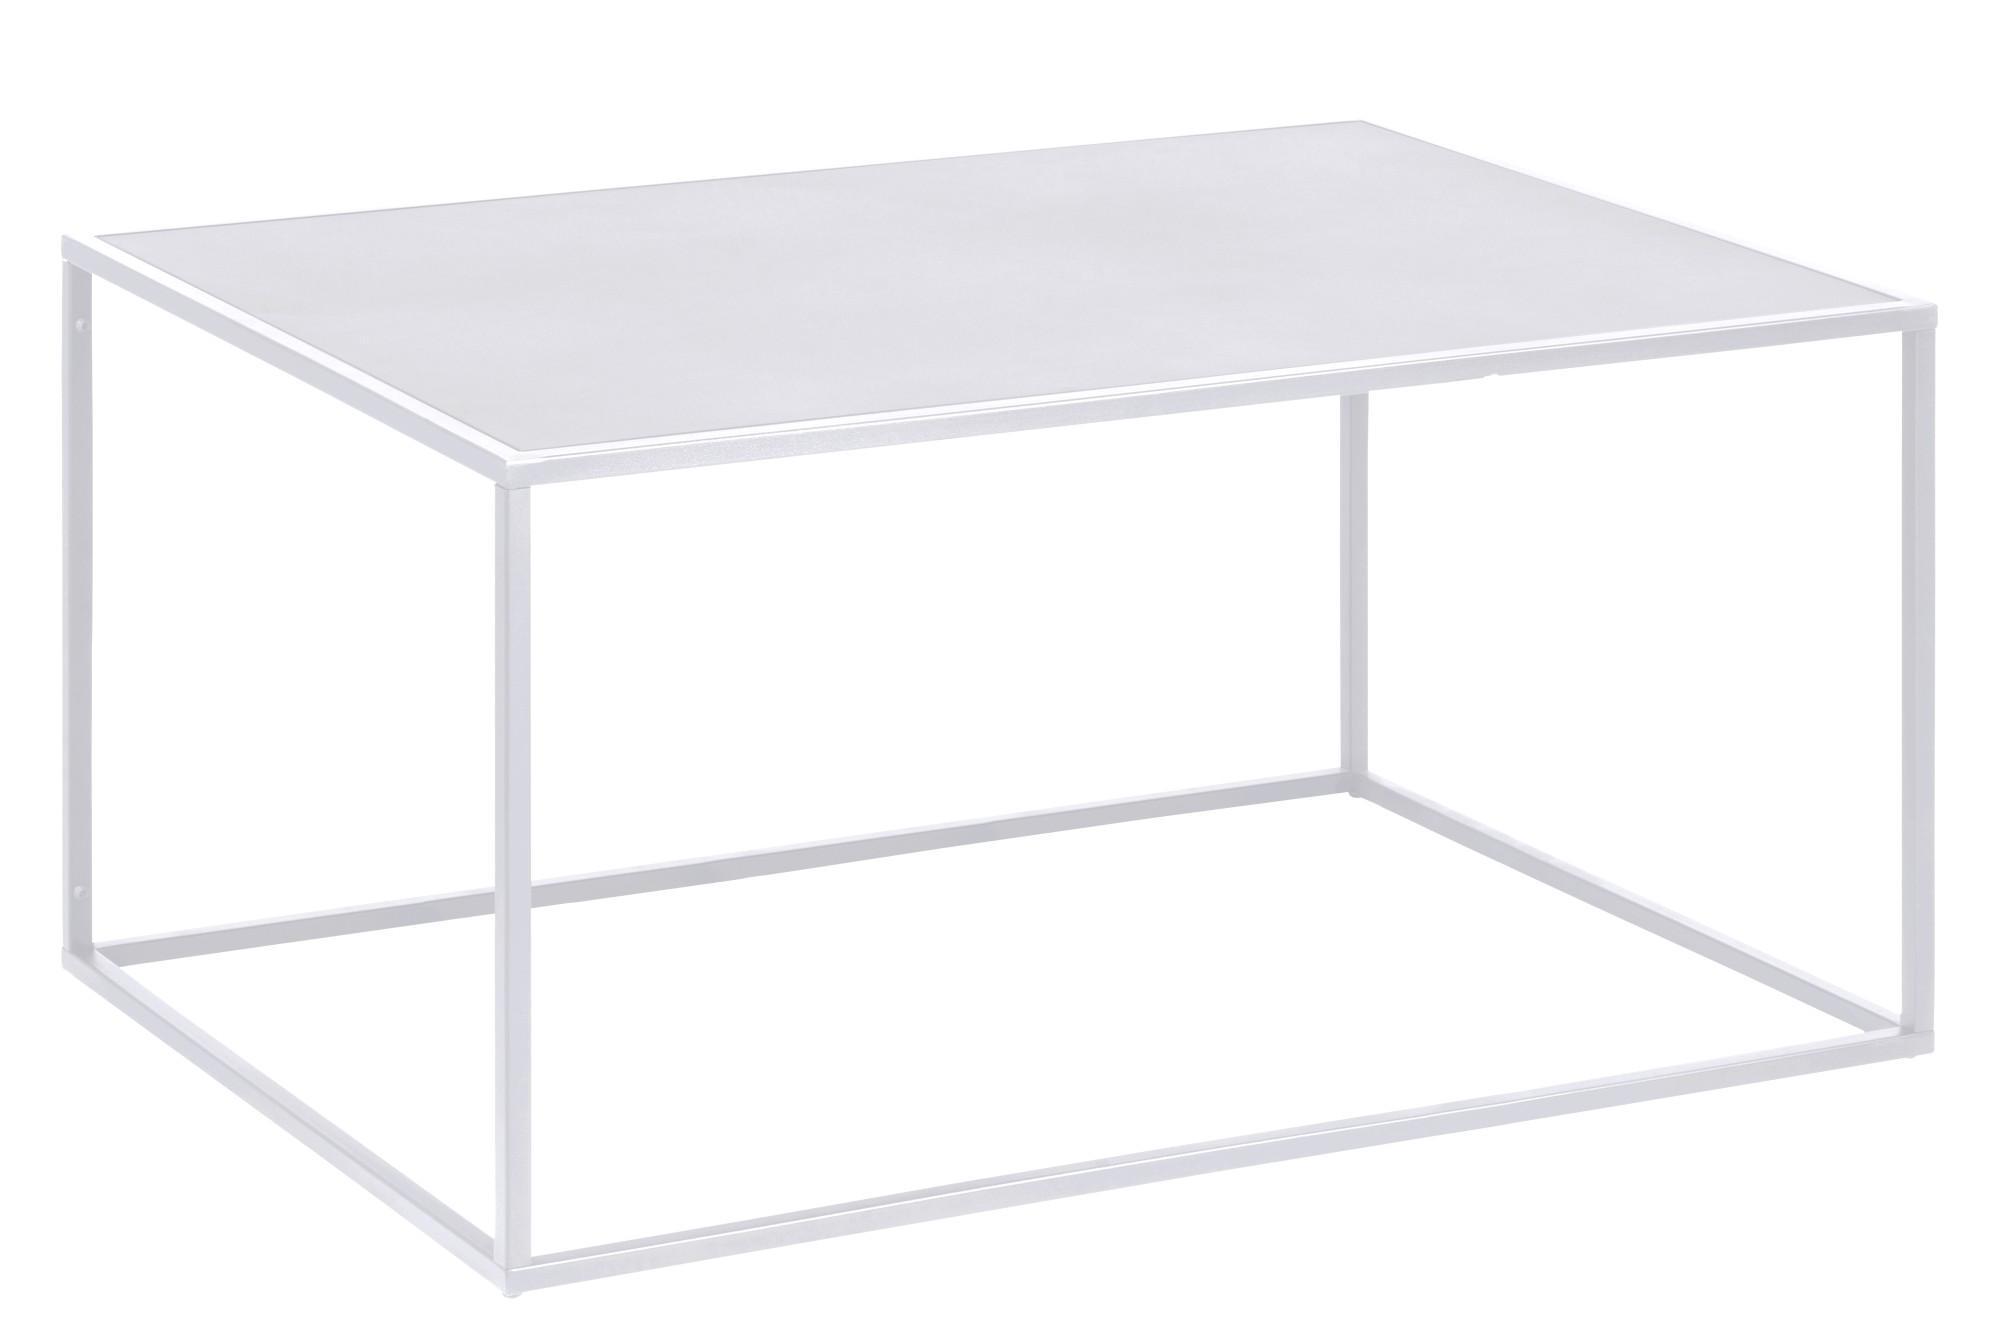 Tisch Wohnzimmer Weiß